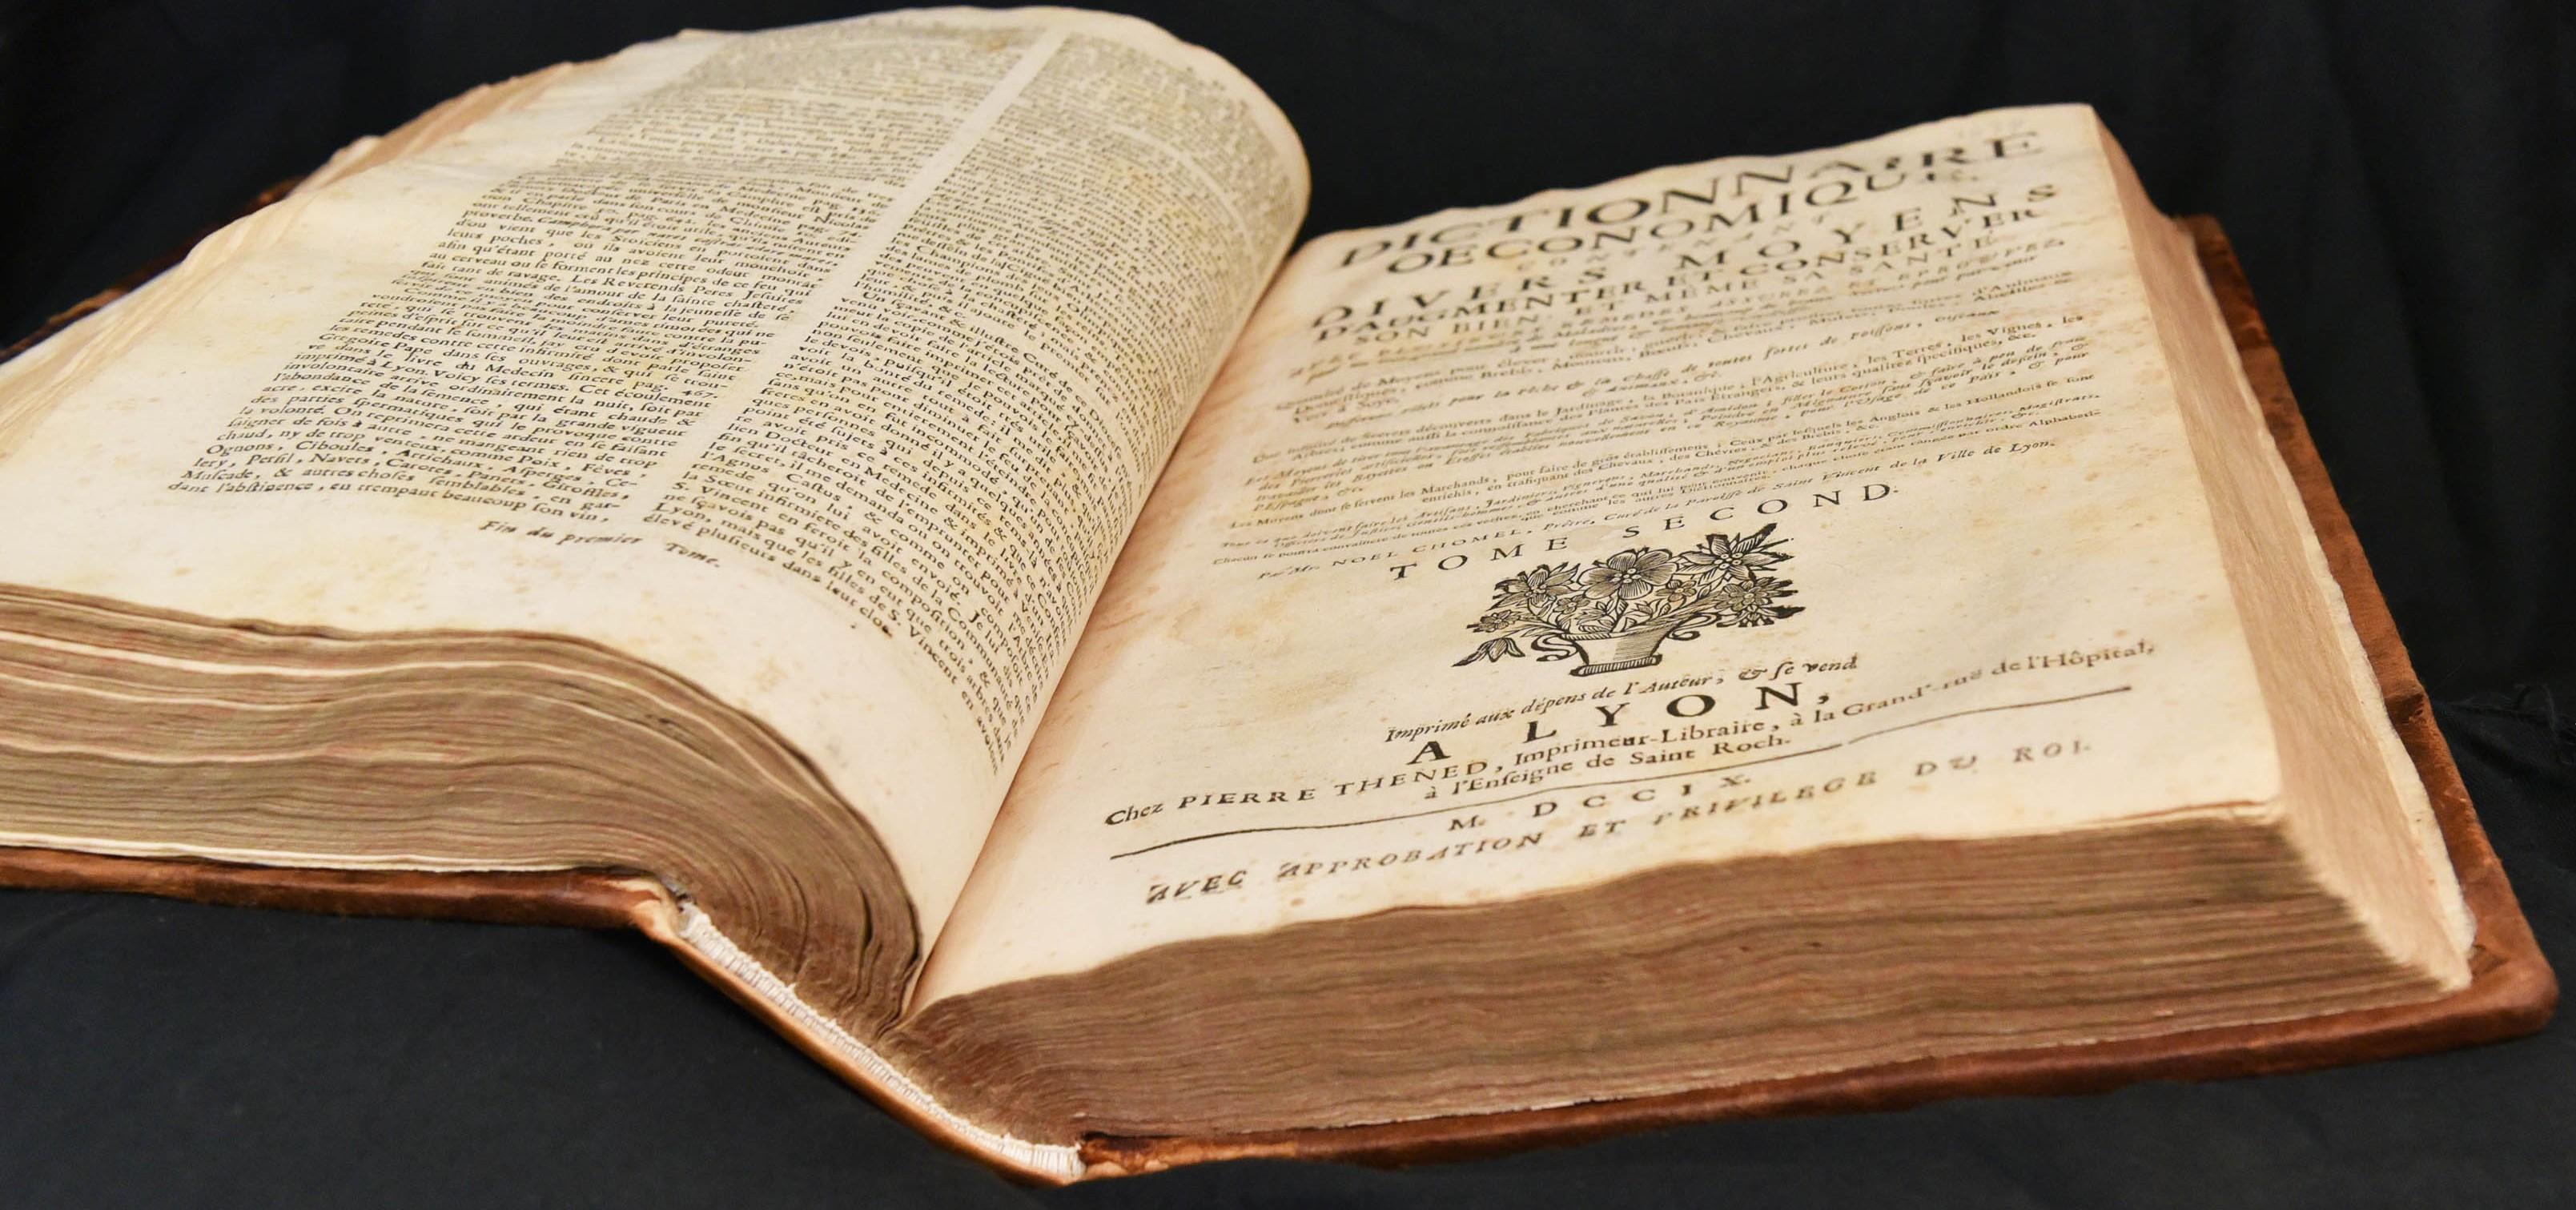 Dictionnaire Oeconomique - V2 59 (2)